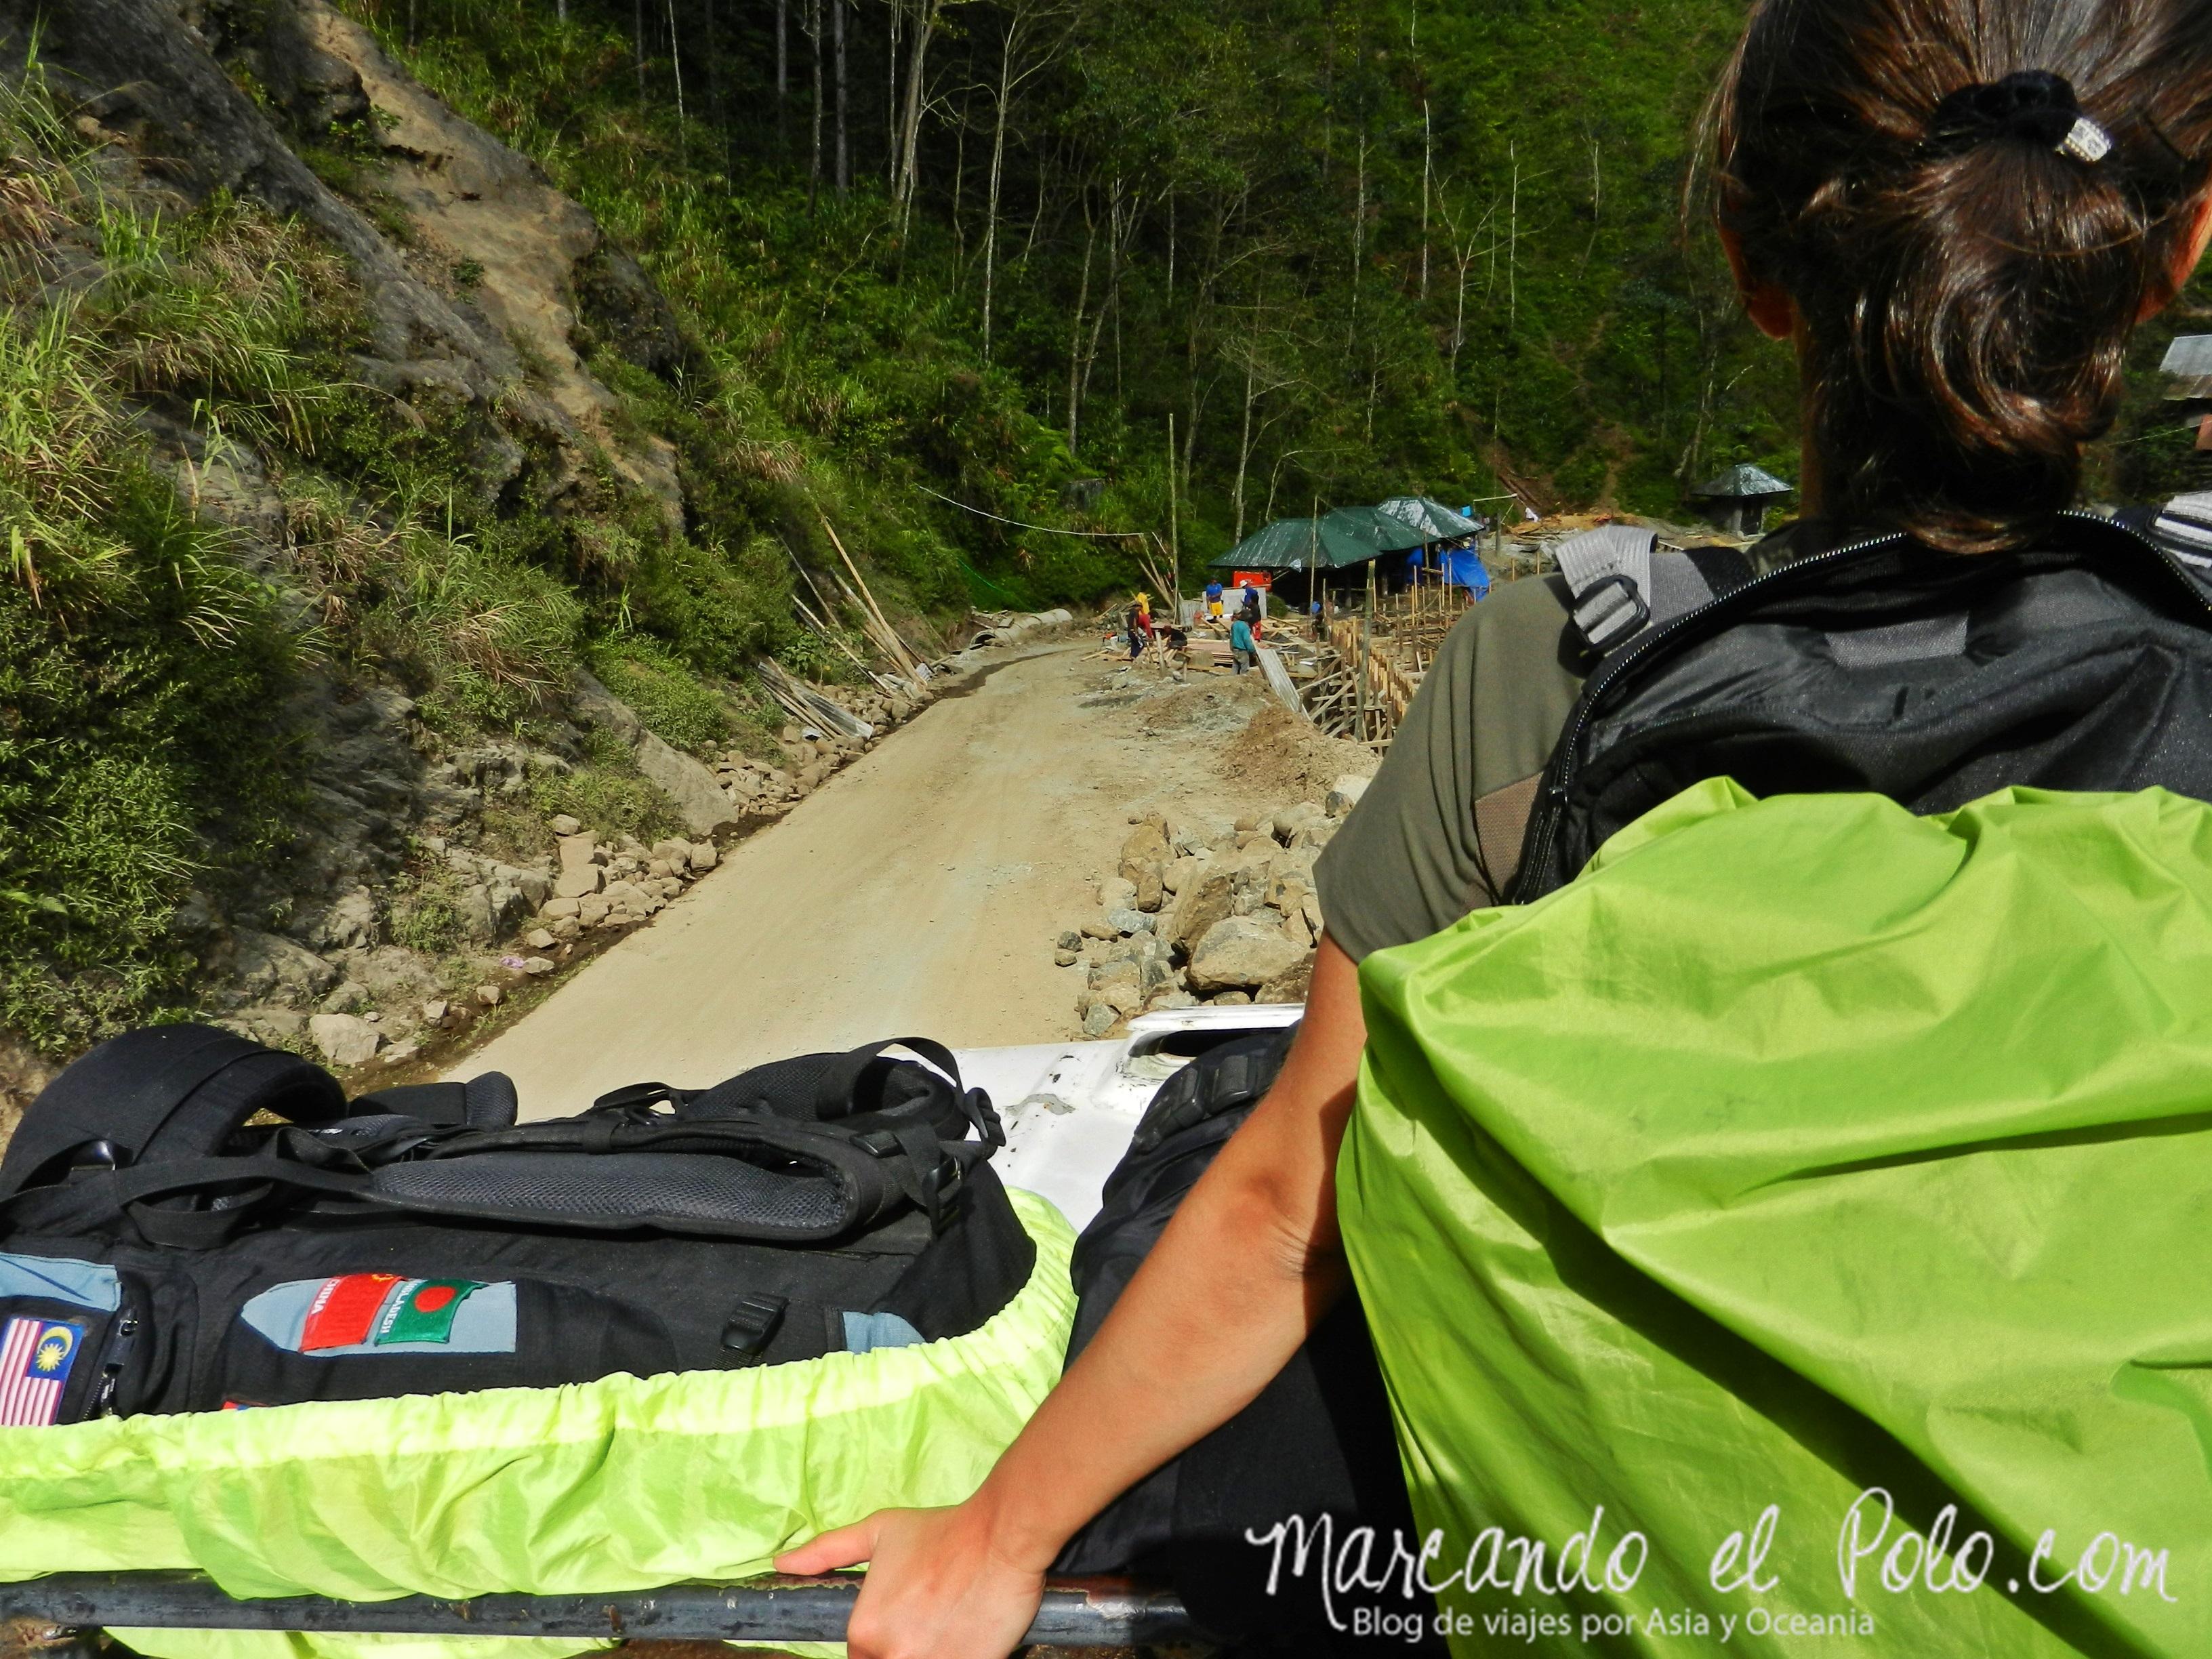 Viajar a dedo en Filipinas: en el techo del camión